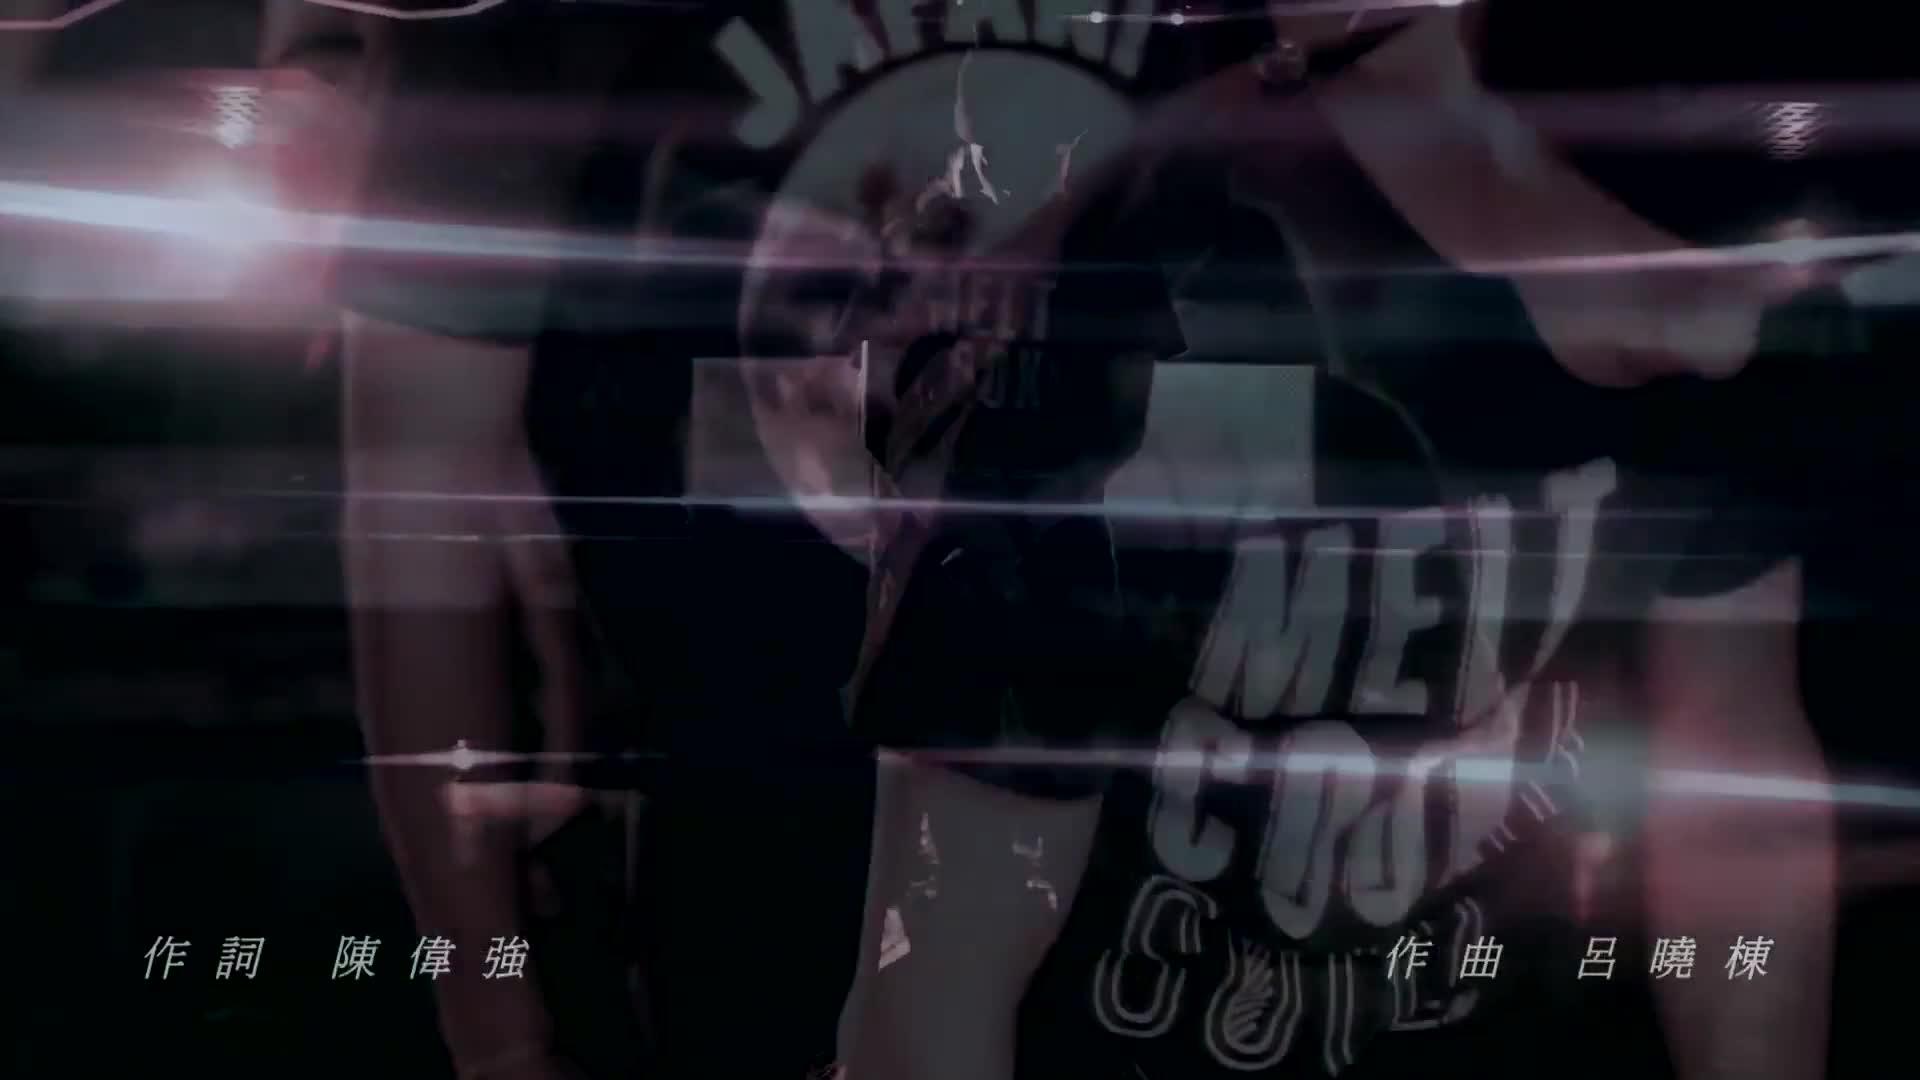 王思佳 - 女王 - MV版